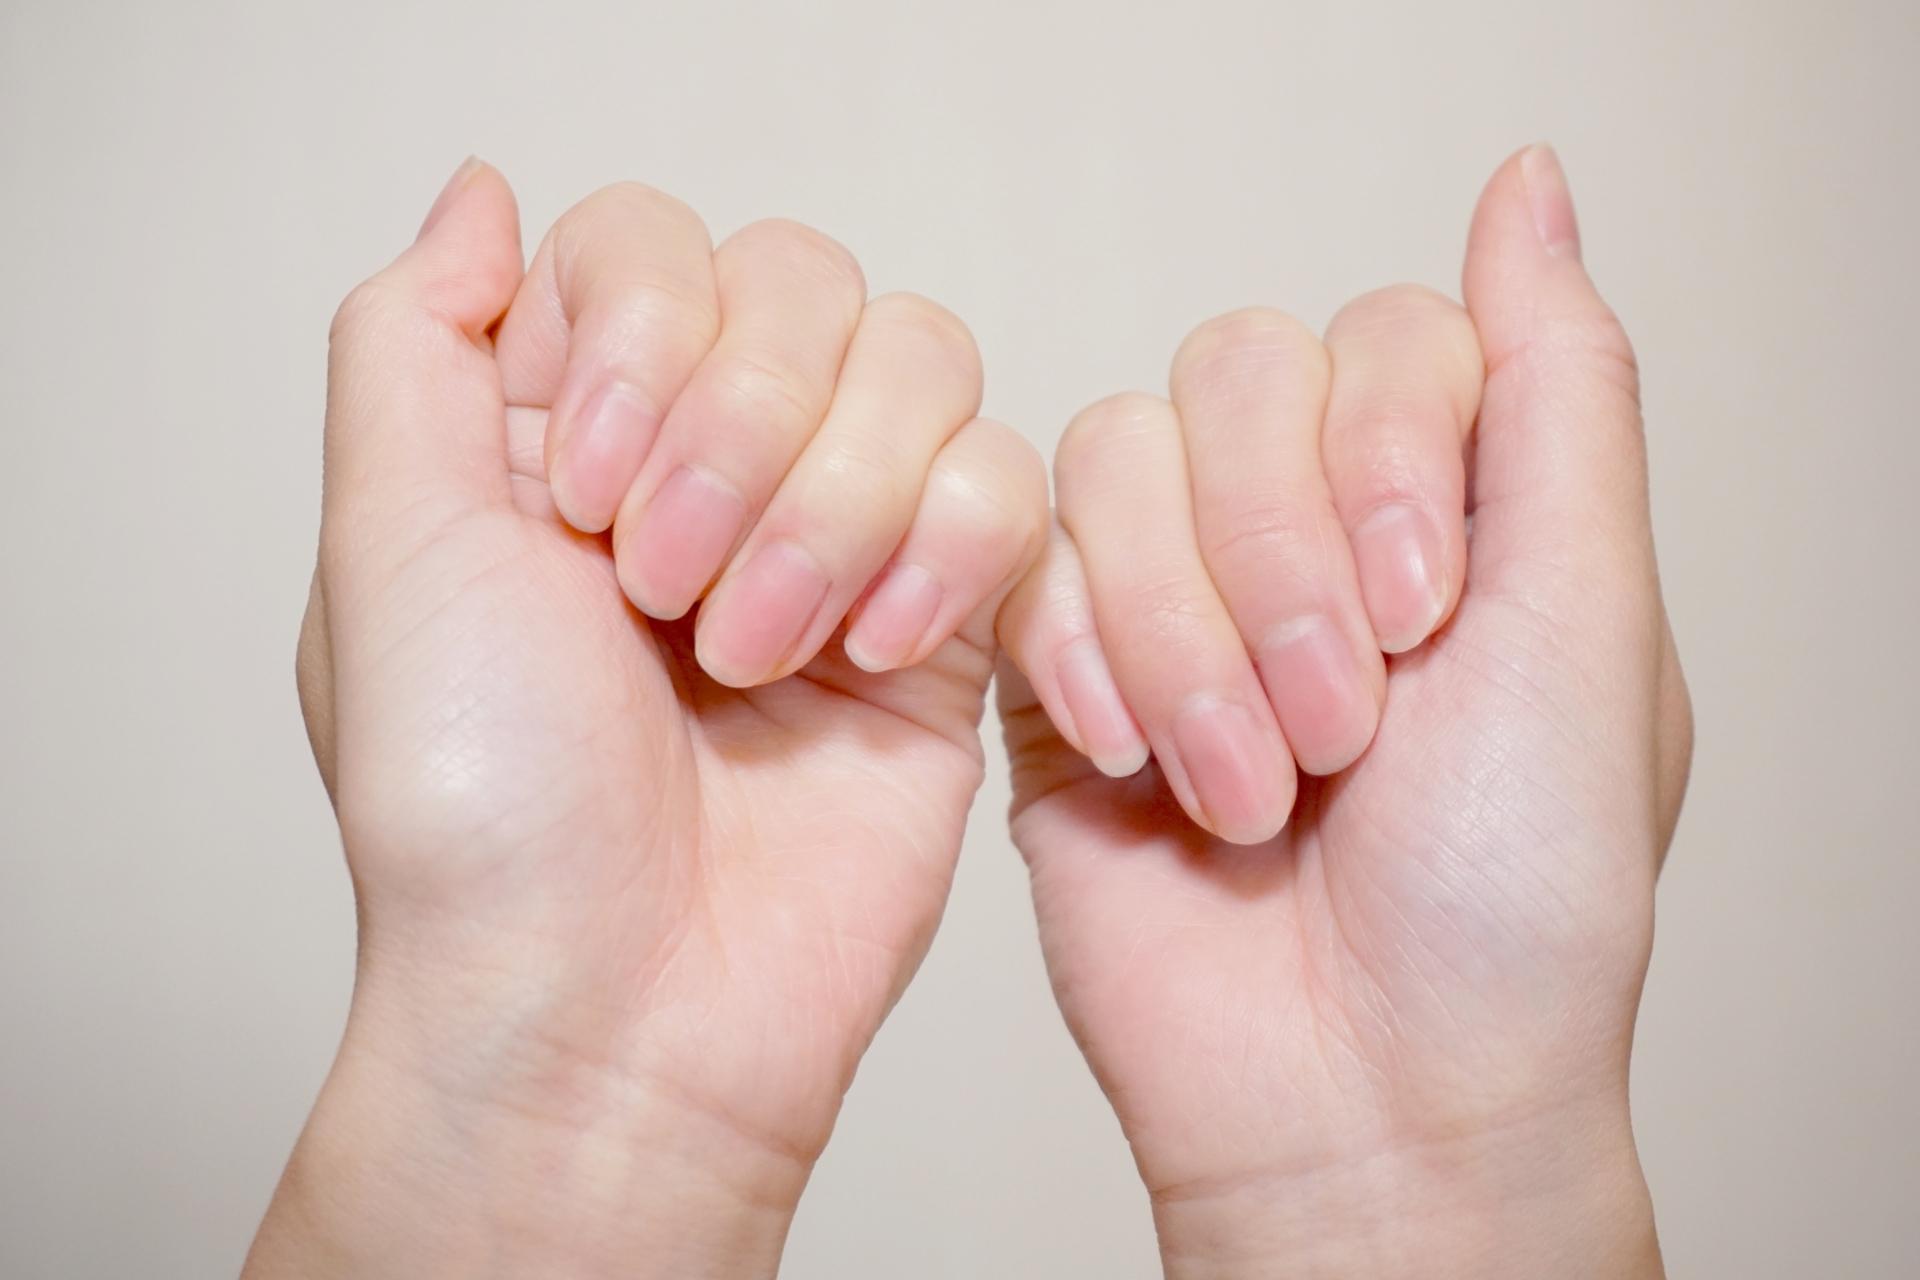 指をかむ人の心理とは?噛み癖を克服するための5つの対処法をご紹介。